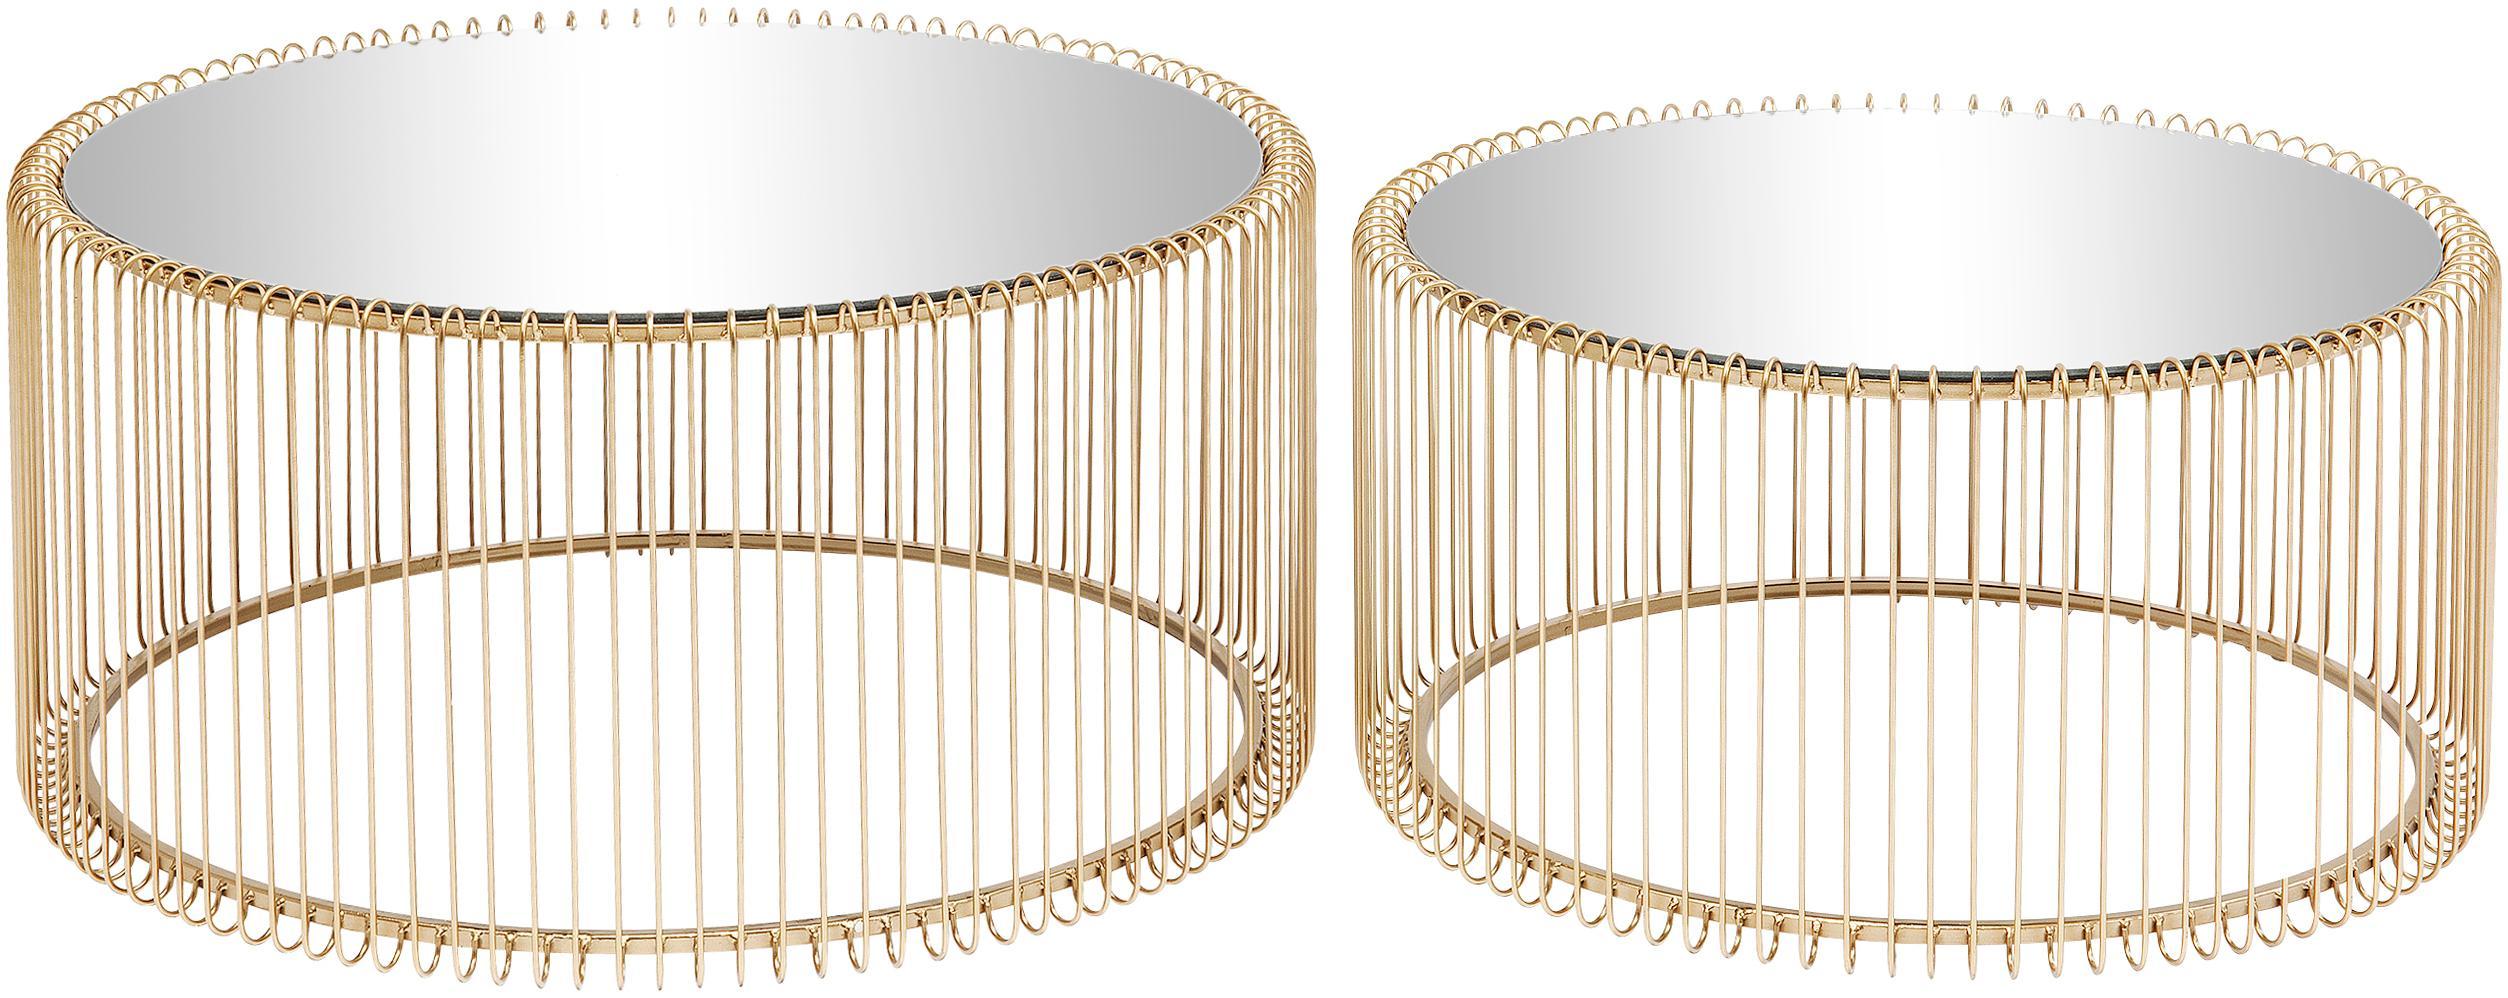 Komplet stolików kawowych z metalu ze szklanym blatem Wire, 2 elem., Stelaż: metal malowany proszkowo, Blat: szkło hartowane, Odcienie mosiądzu, Różne rozmiary